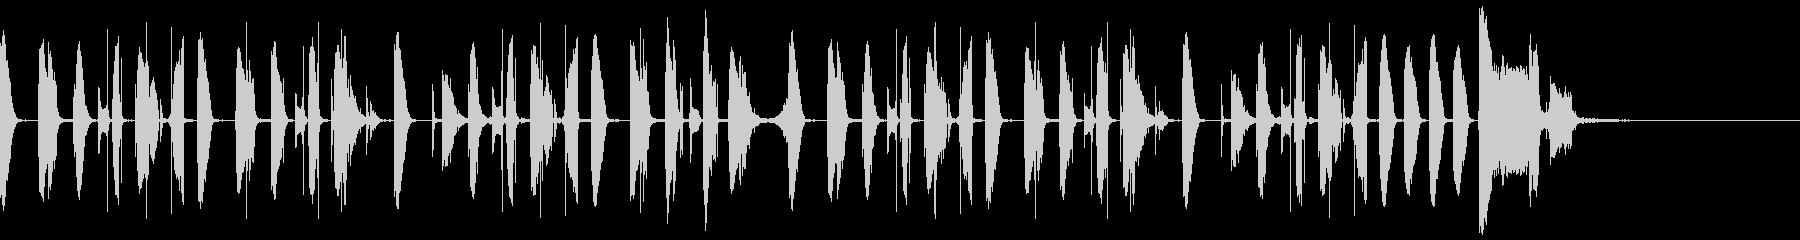 シンキングタイムなどに使えるジングルの未再生の波形